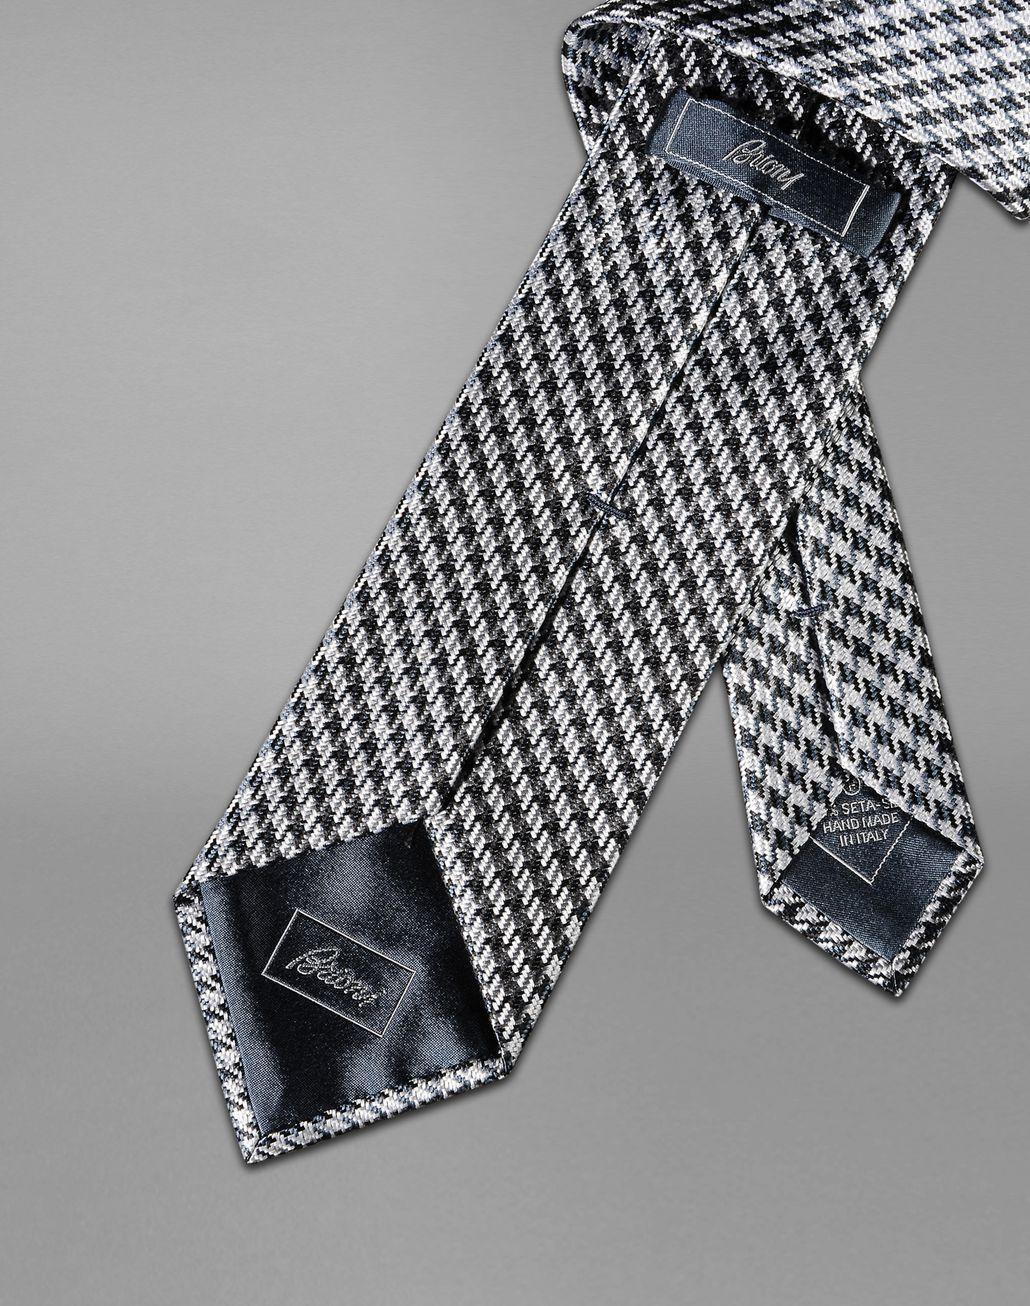 1cb5bcabf0547 Brioni Für Ihn Krawatte & Einstecktuch   Brioni Offizieller Online Store